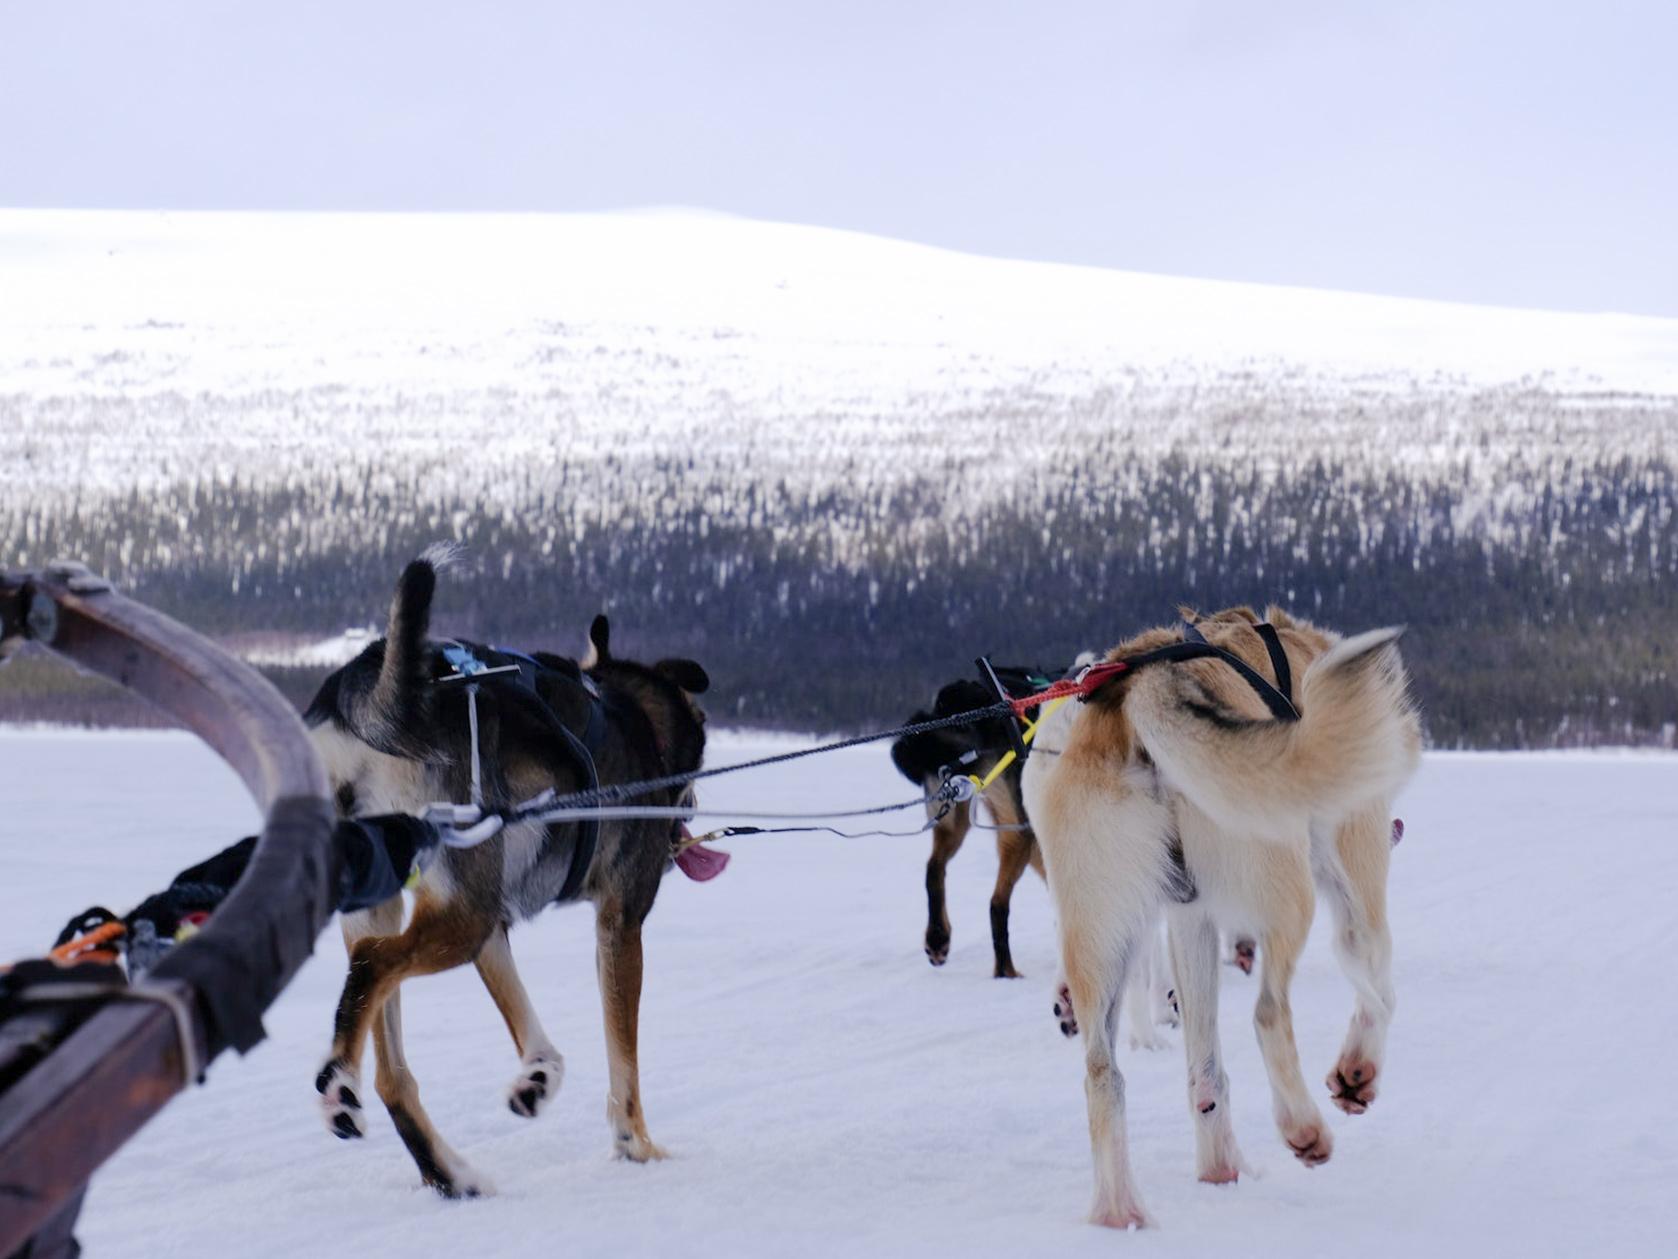 wintertour_mountaintour_laponia_2